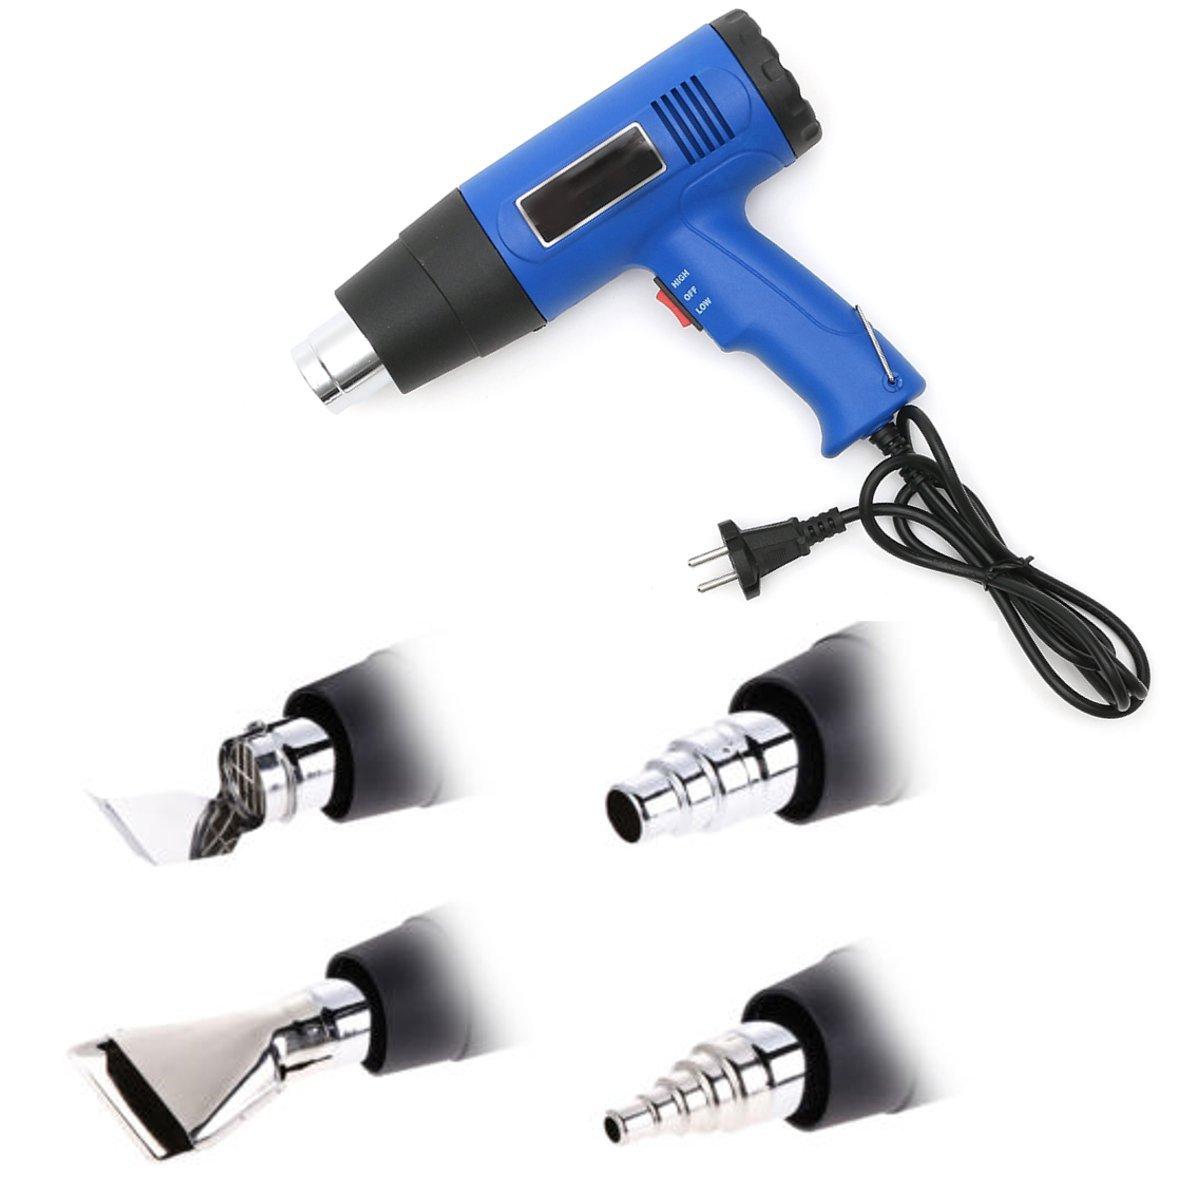 OlogyMart 1500W Hot Air Heat Gun Dual Temperature + 4 Nozzles Power 220V 50-60HZ EU Plug